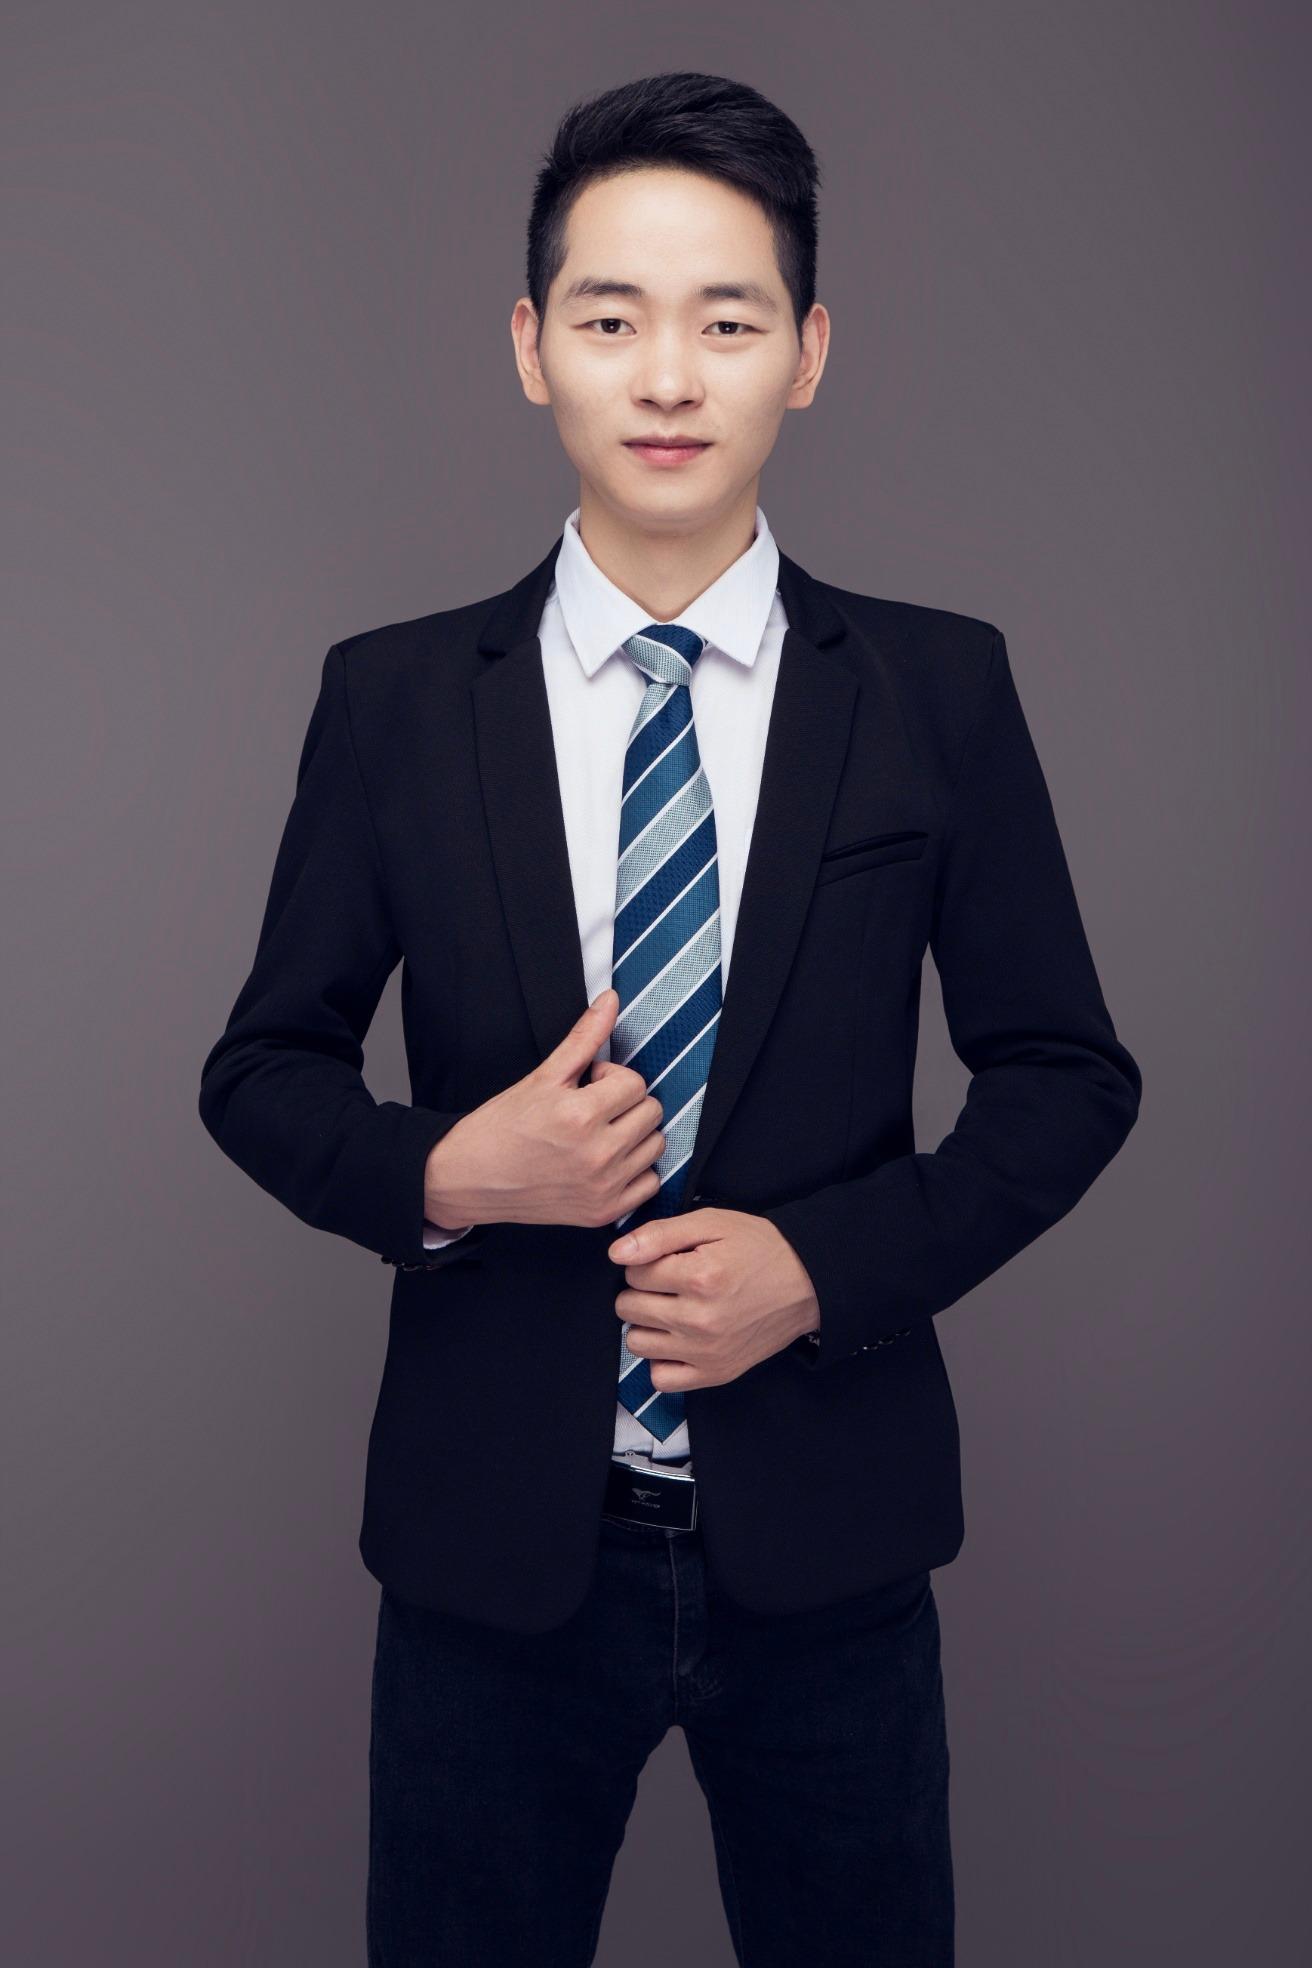 成都第二分公司一部經理 楊亞東